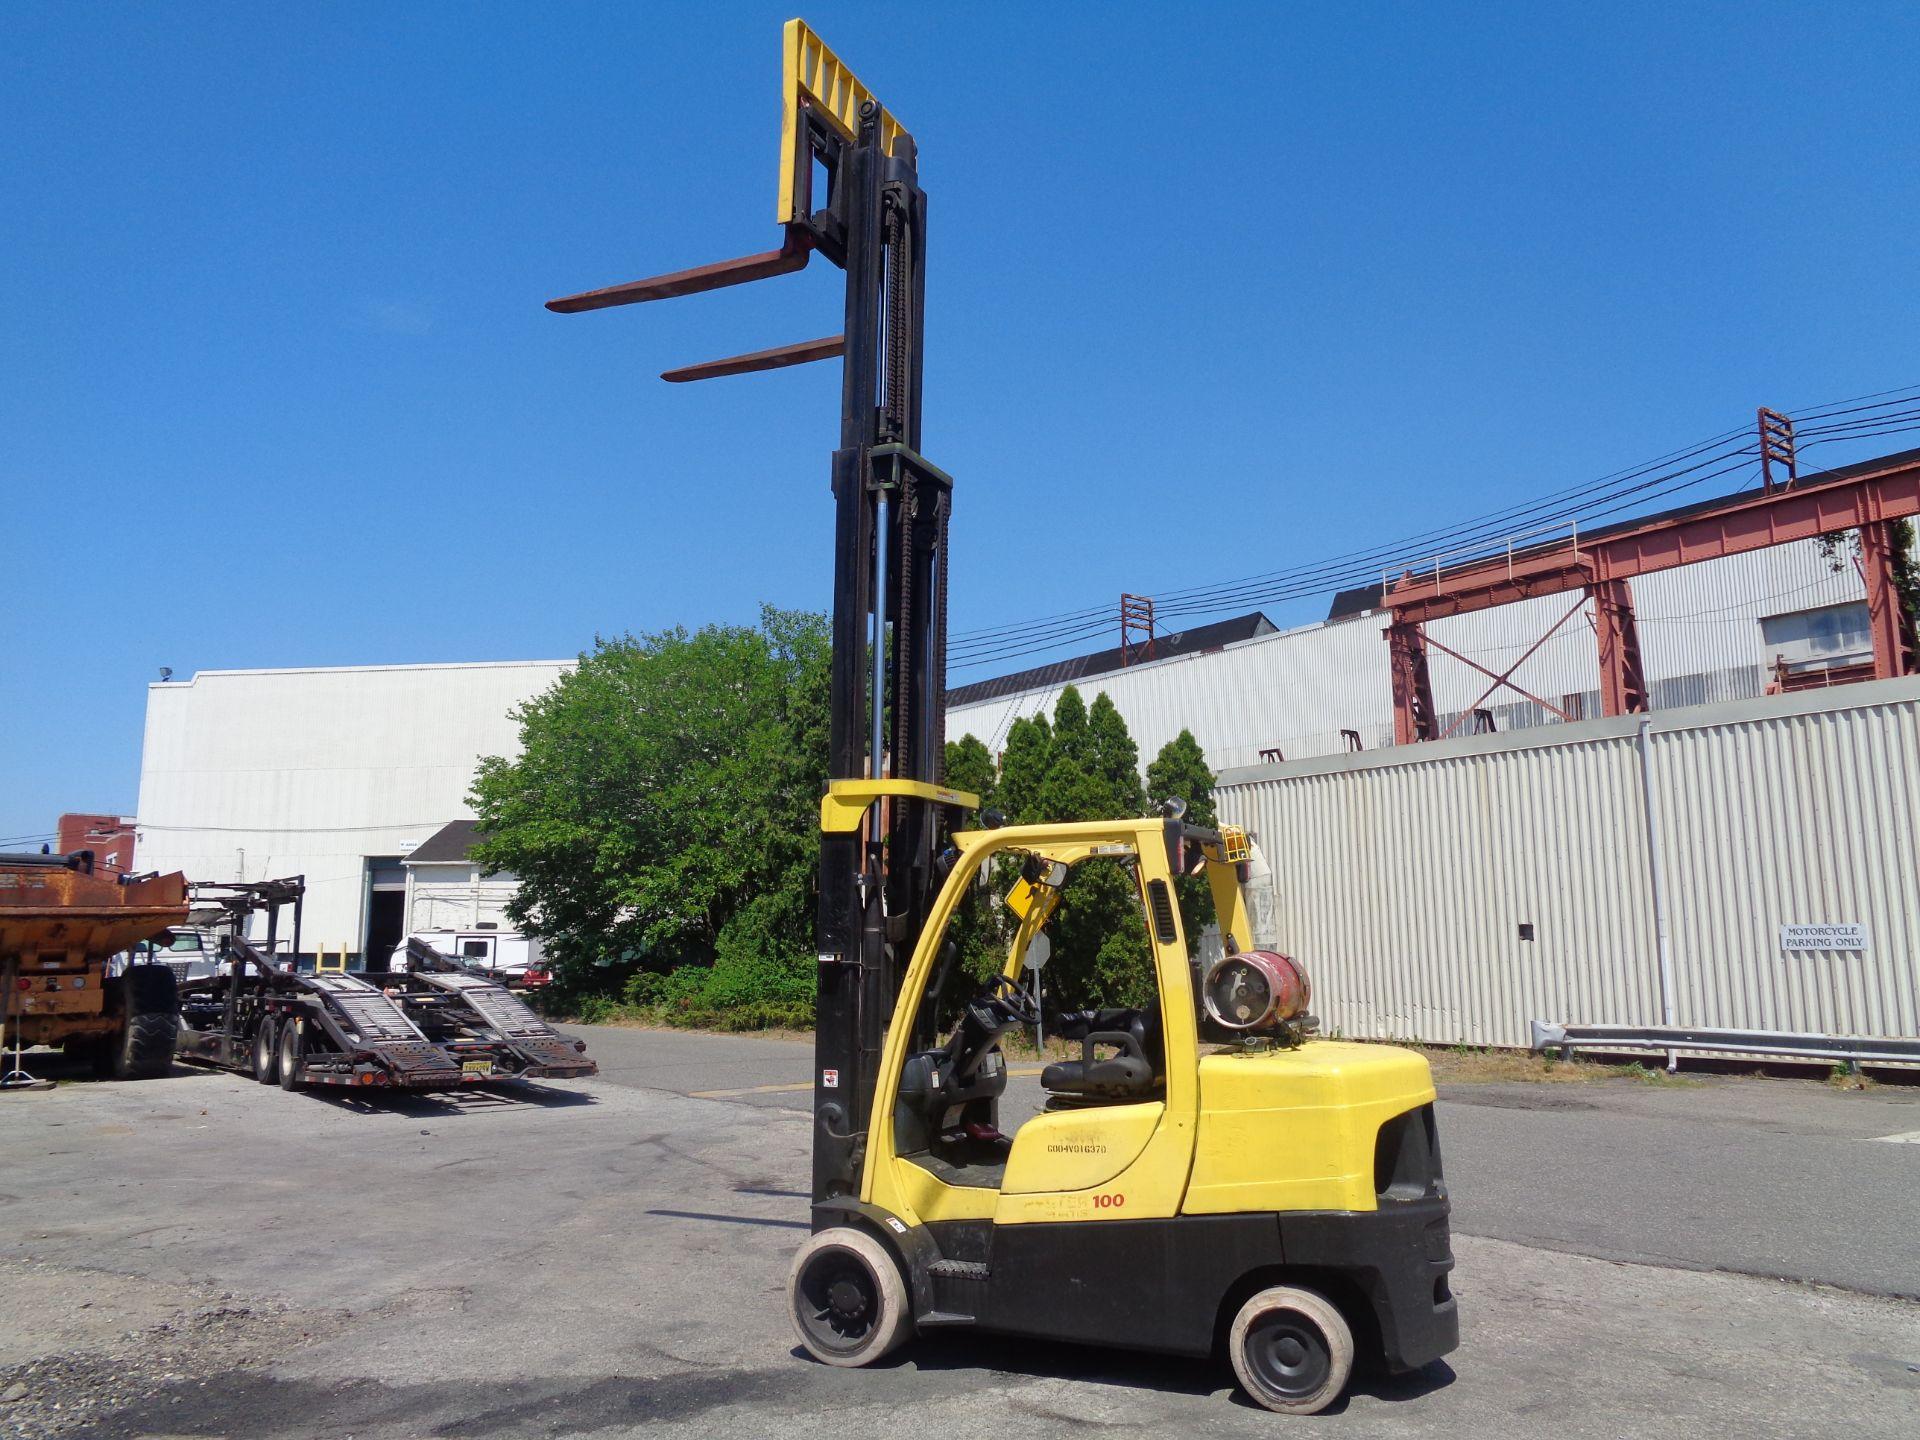 Hyster S100FT 10,000lb Forklift - Image 15 of 17